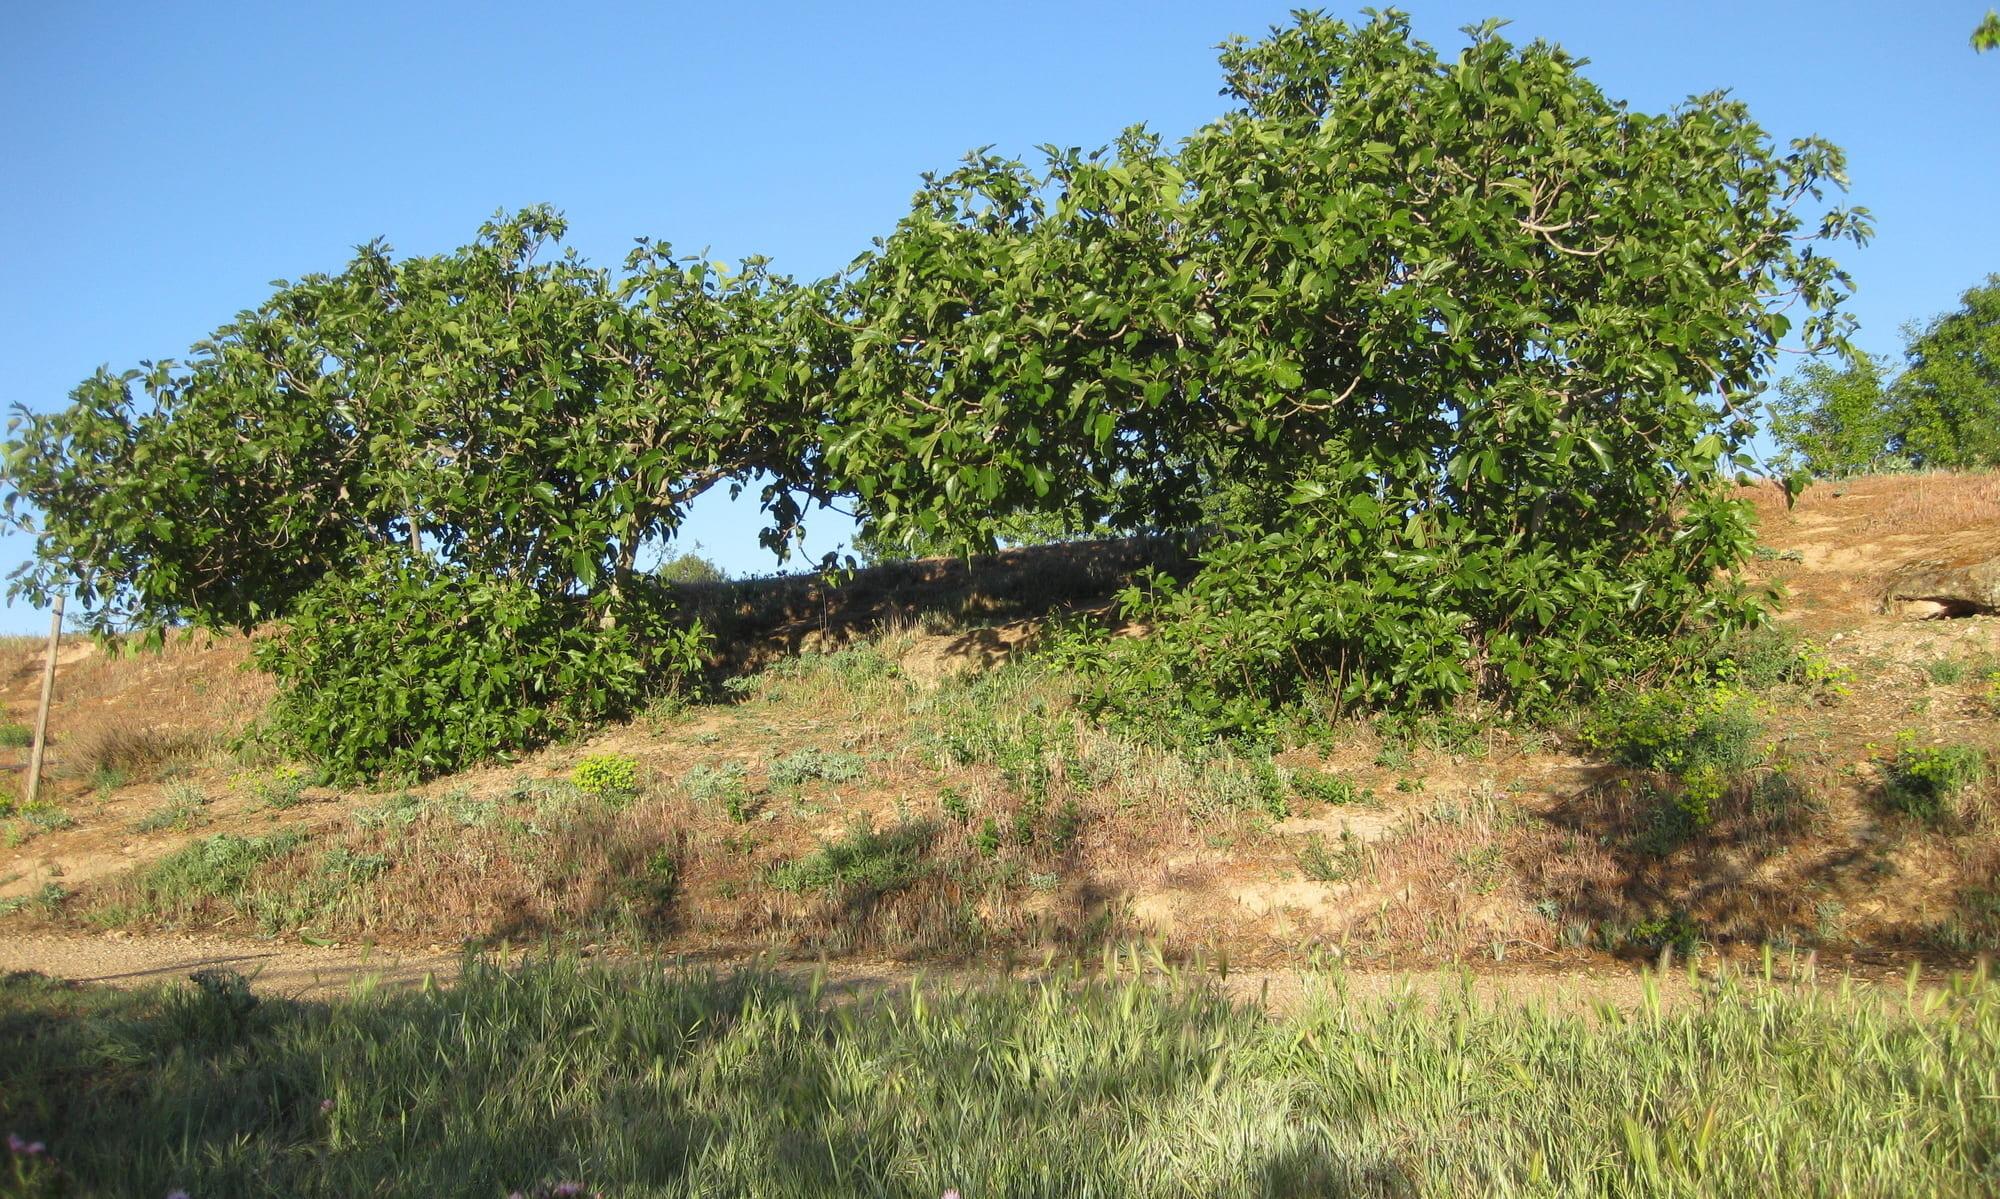 árboles: higuera